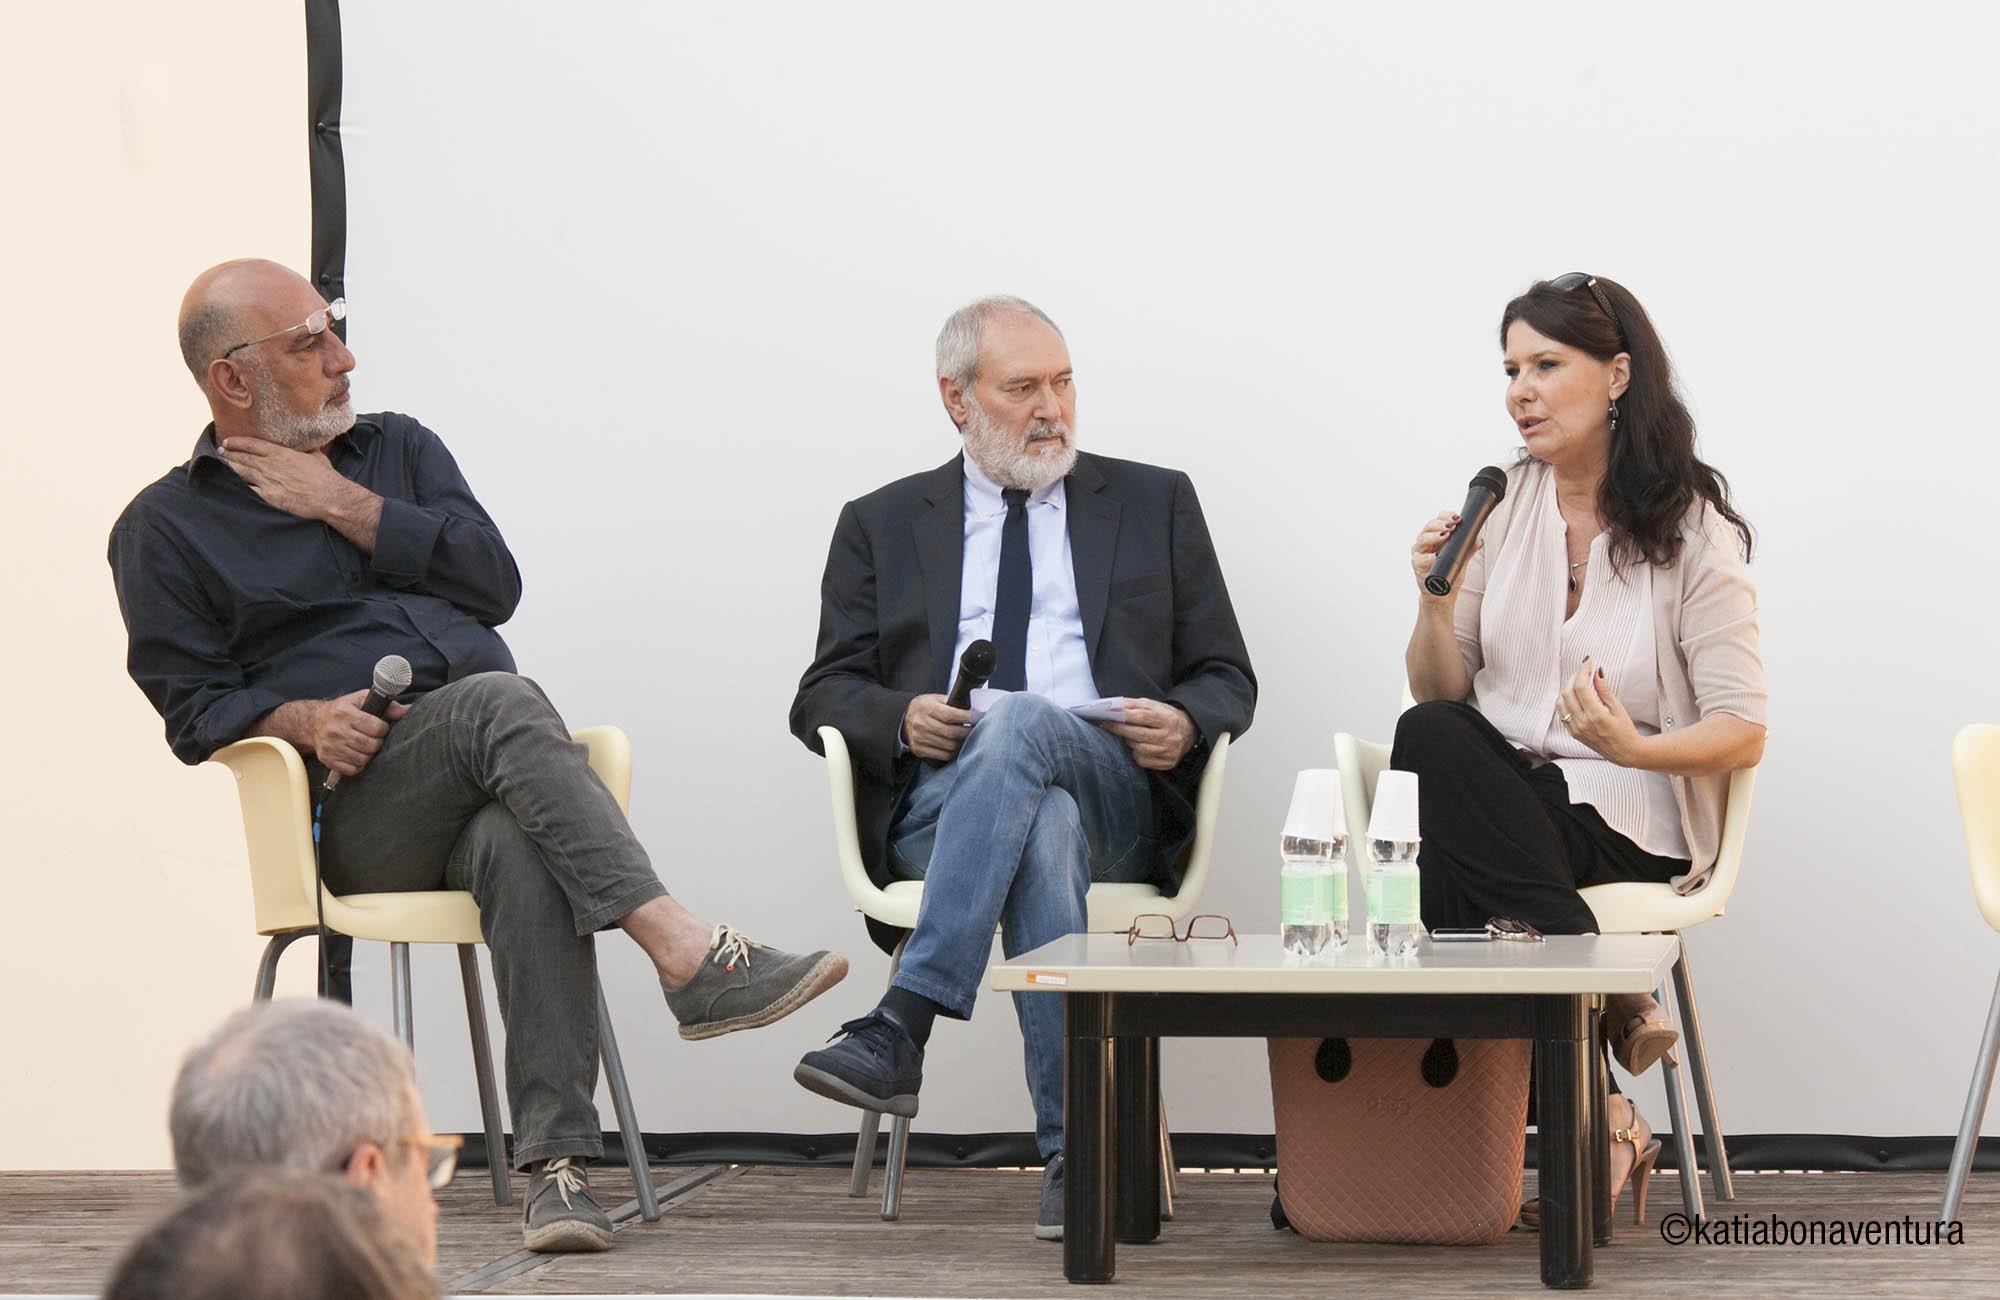 18.06.2017 Ultimo giorno del Festival del giornalismo-Ronchi dei legionari, foto da ufficio stampa